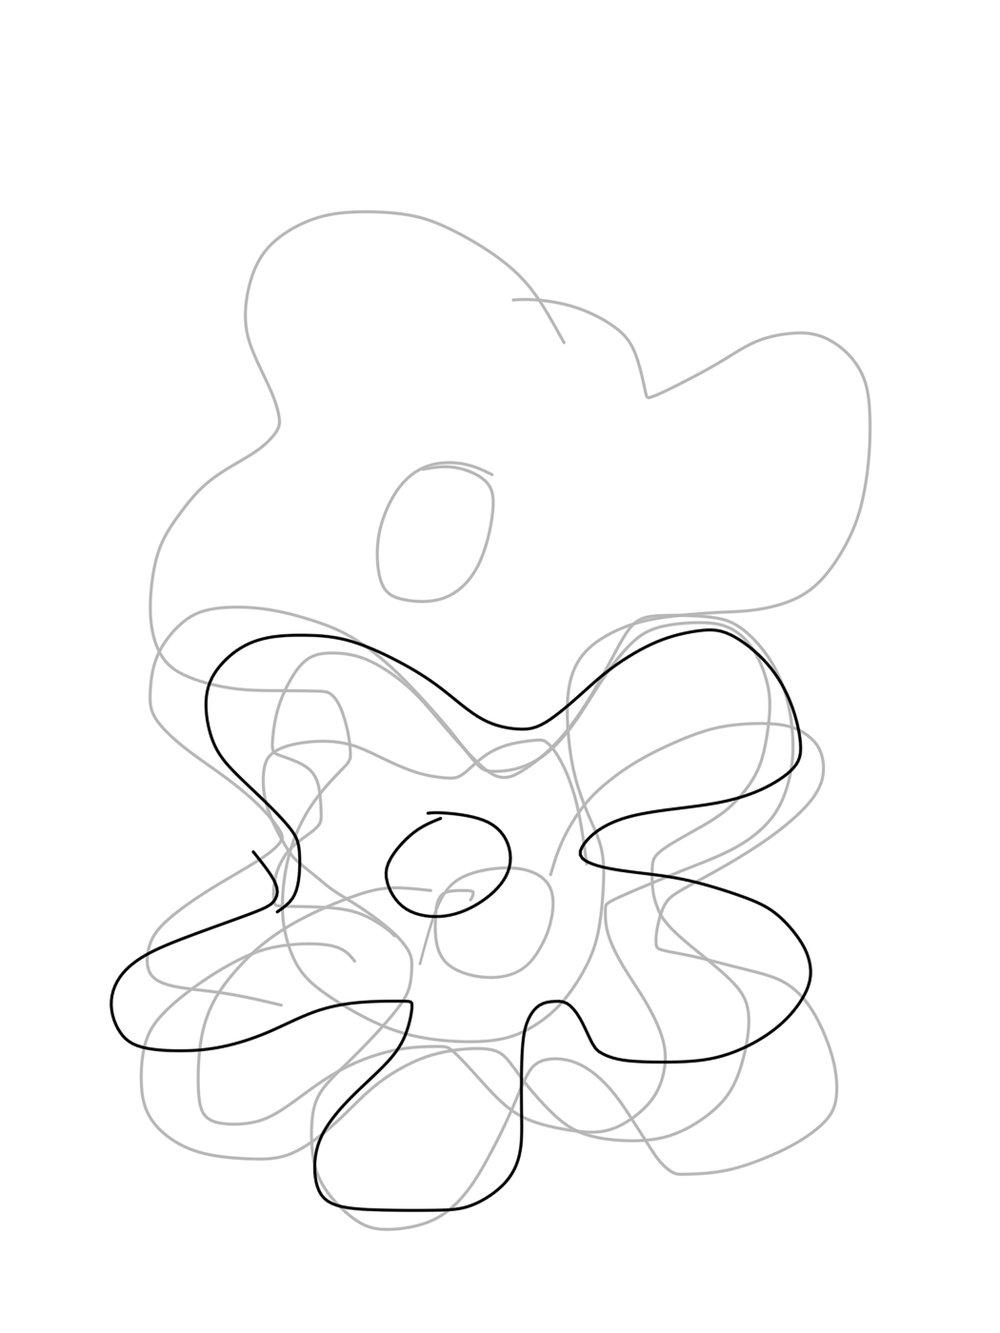 Sketch-400.jpg